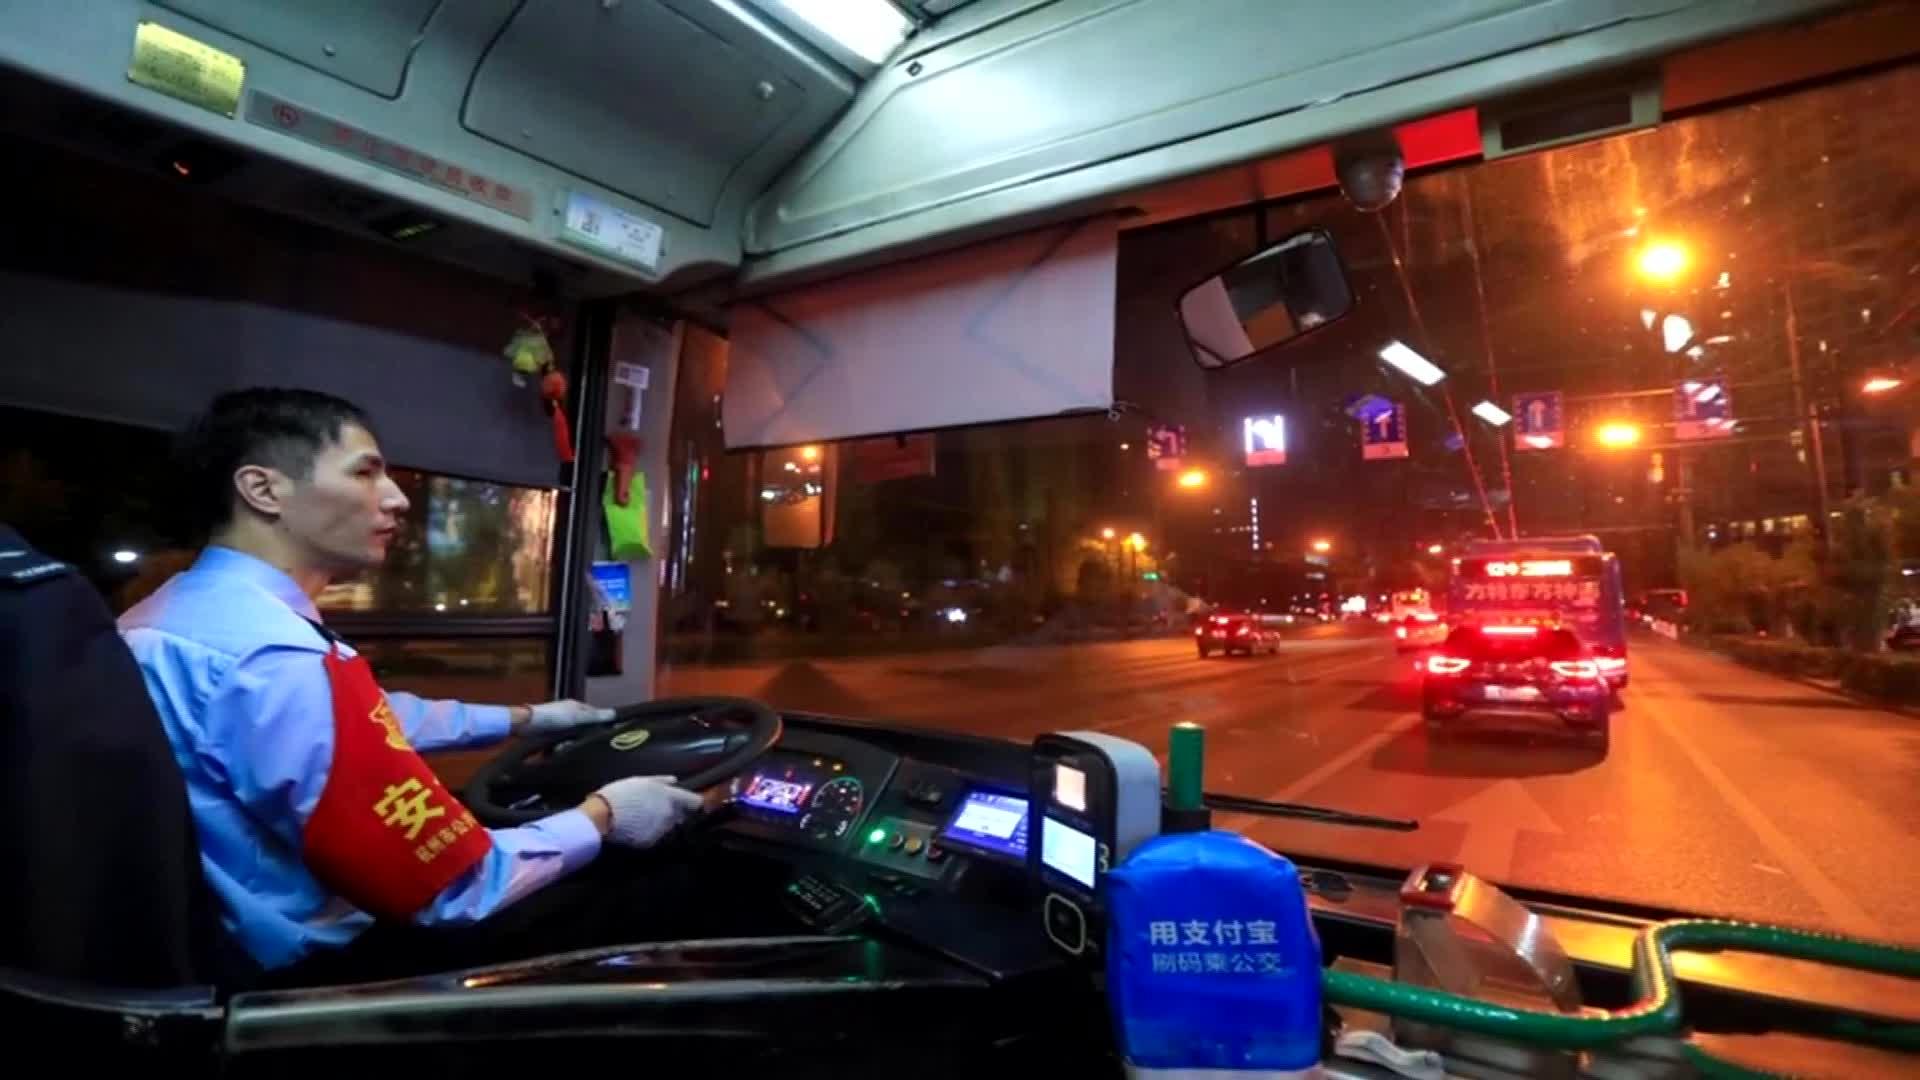 杭州:坐拥6套房公交司机坚持开夜班 比白班多赚1000块钱